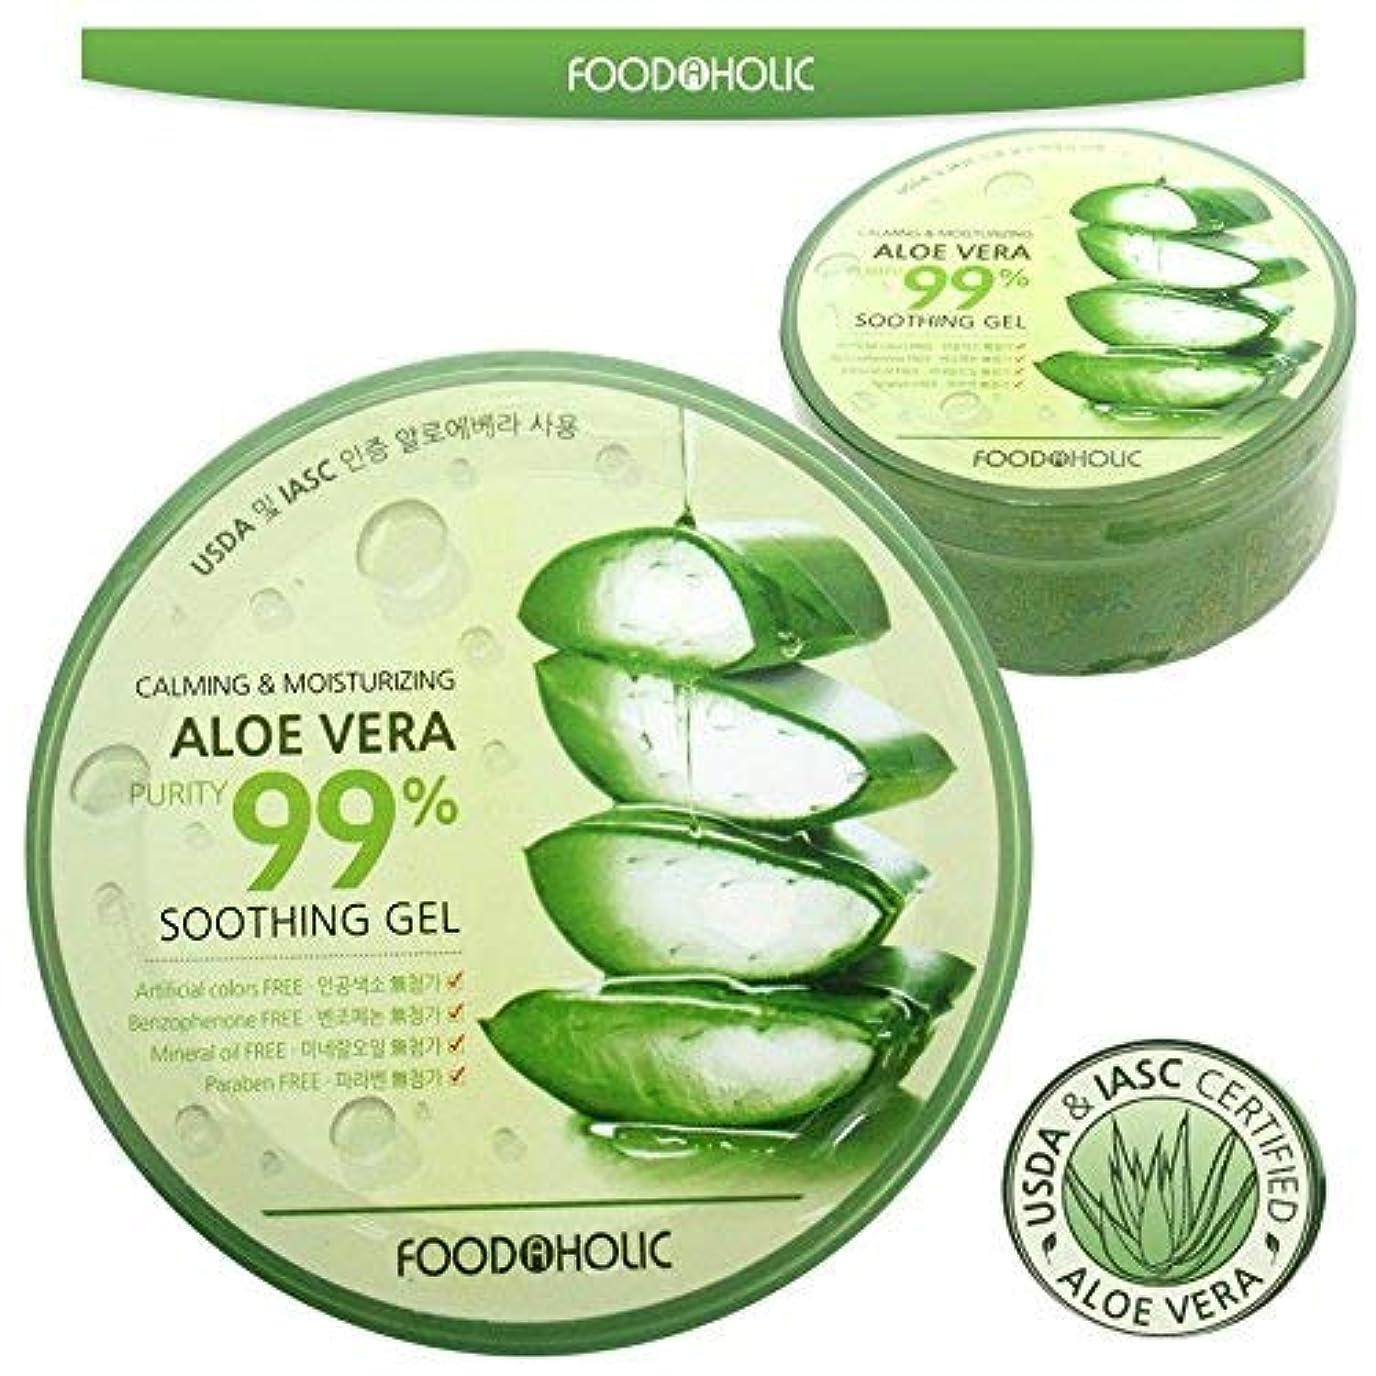 無意味お願いします債務[FOOD A HOLIC] 穏やかな&保湿アロエベラ純度は99%スージングジェル(300ml * 1EA) / Calming & Moisturizing Aloe Vera Purity 99% Soothing...